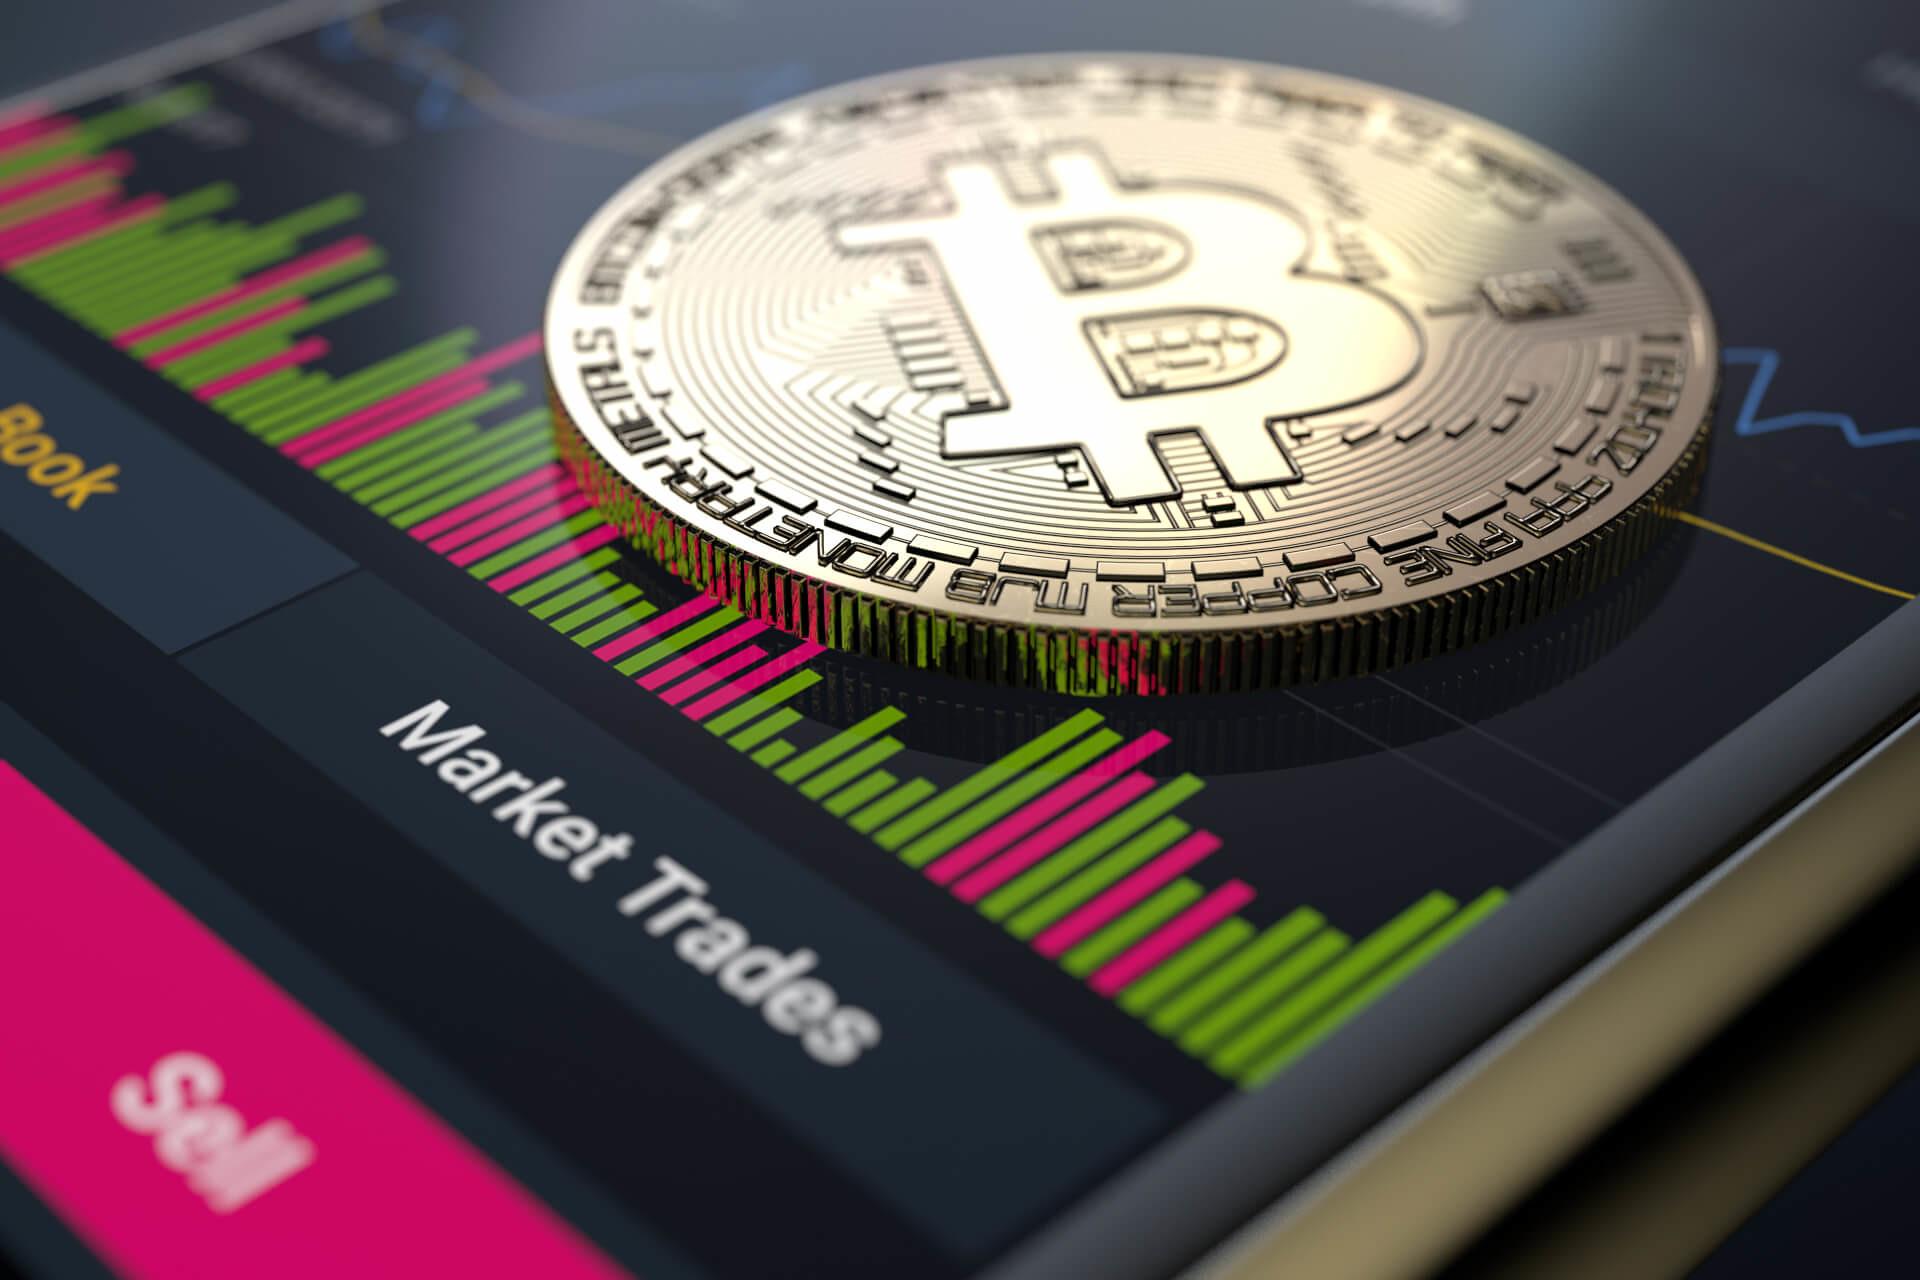 Hét atomerőmű ereje fedezi a világ bitcoin-bányászatát - Computerworld